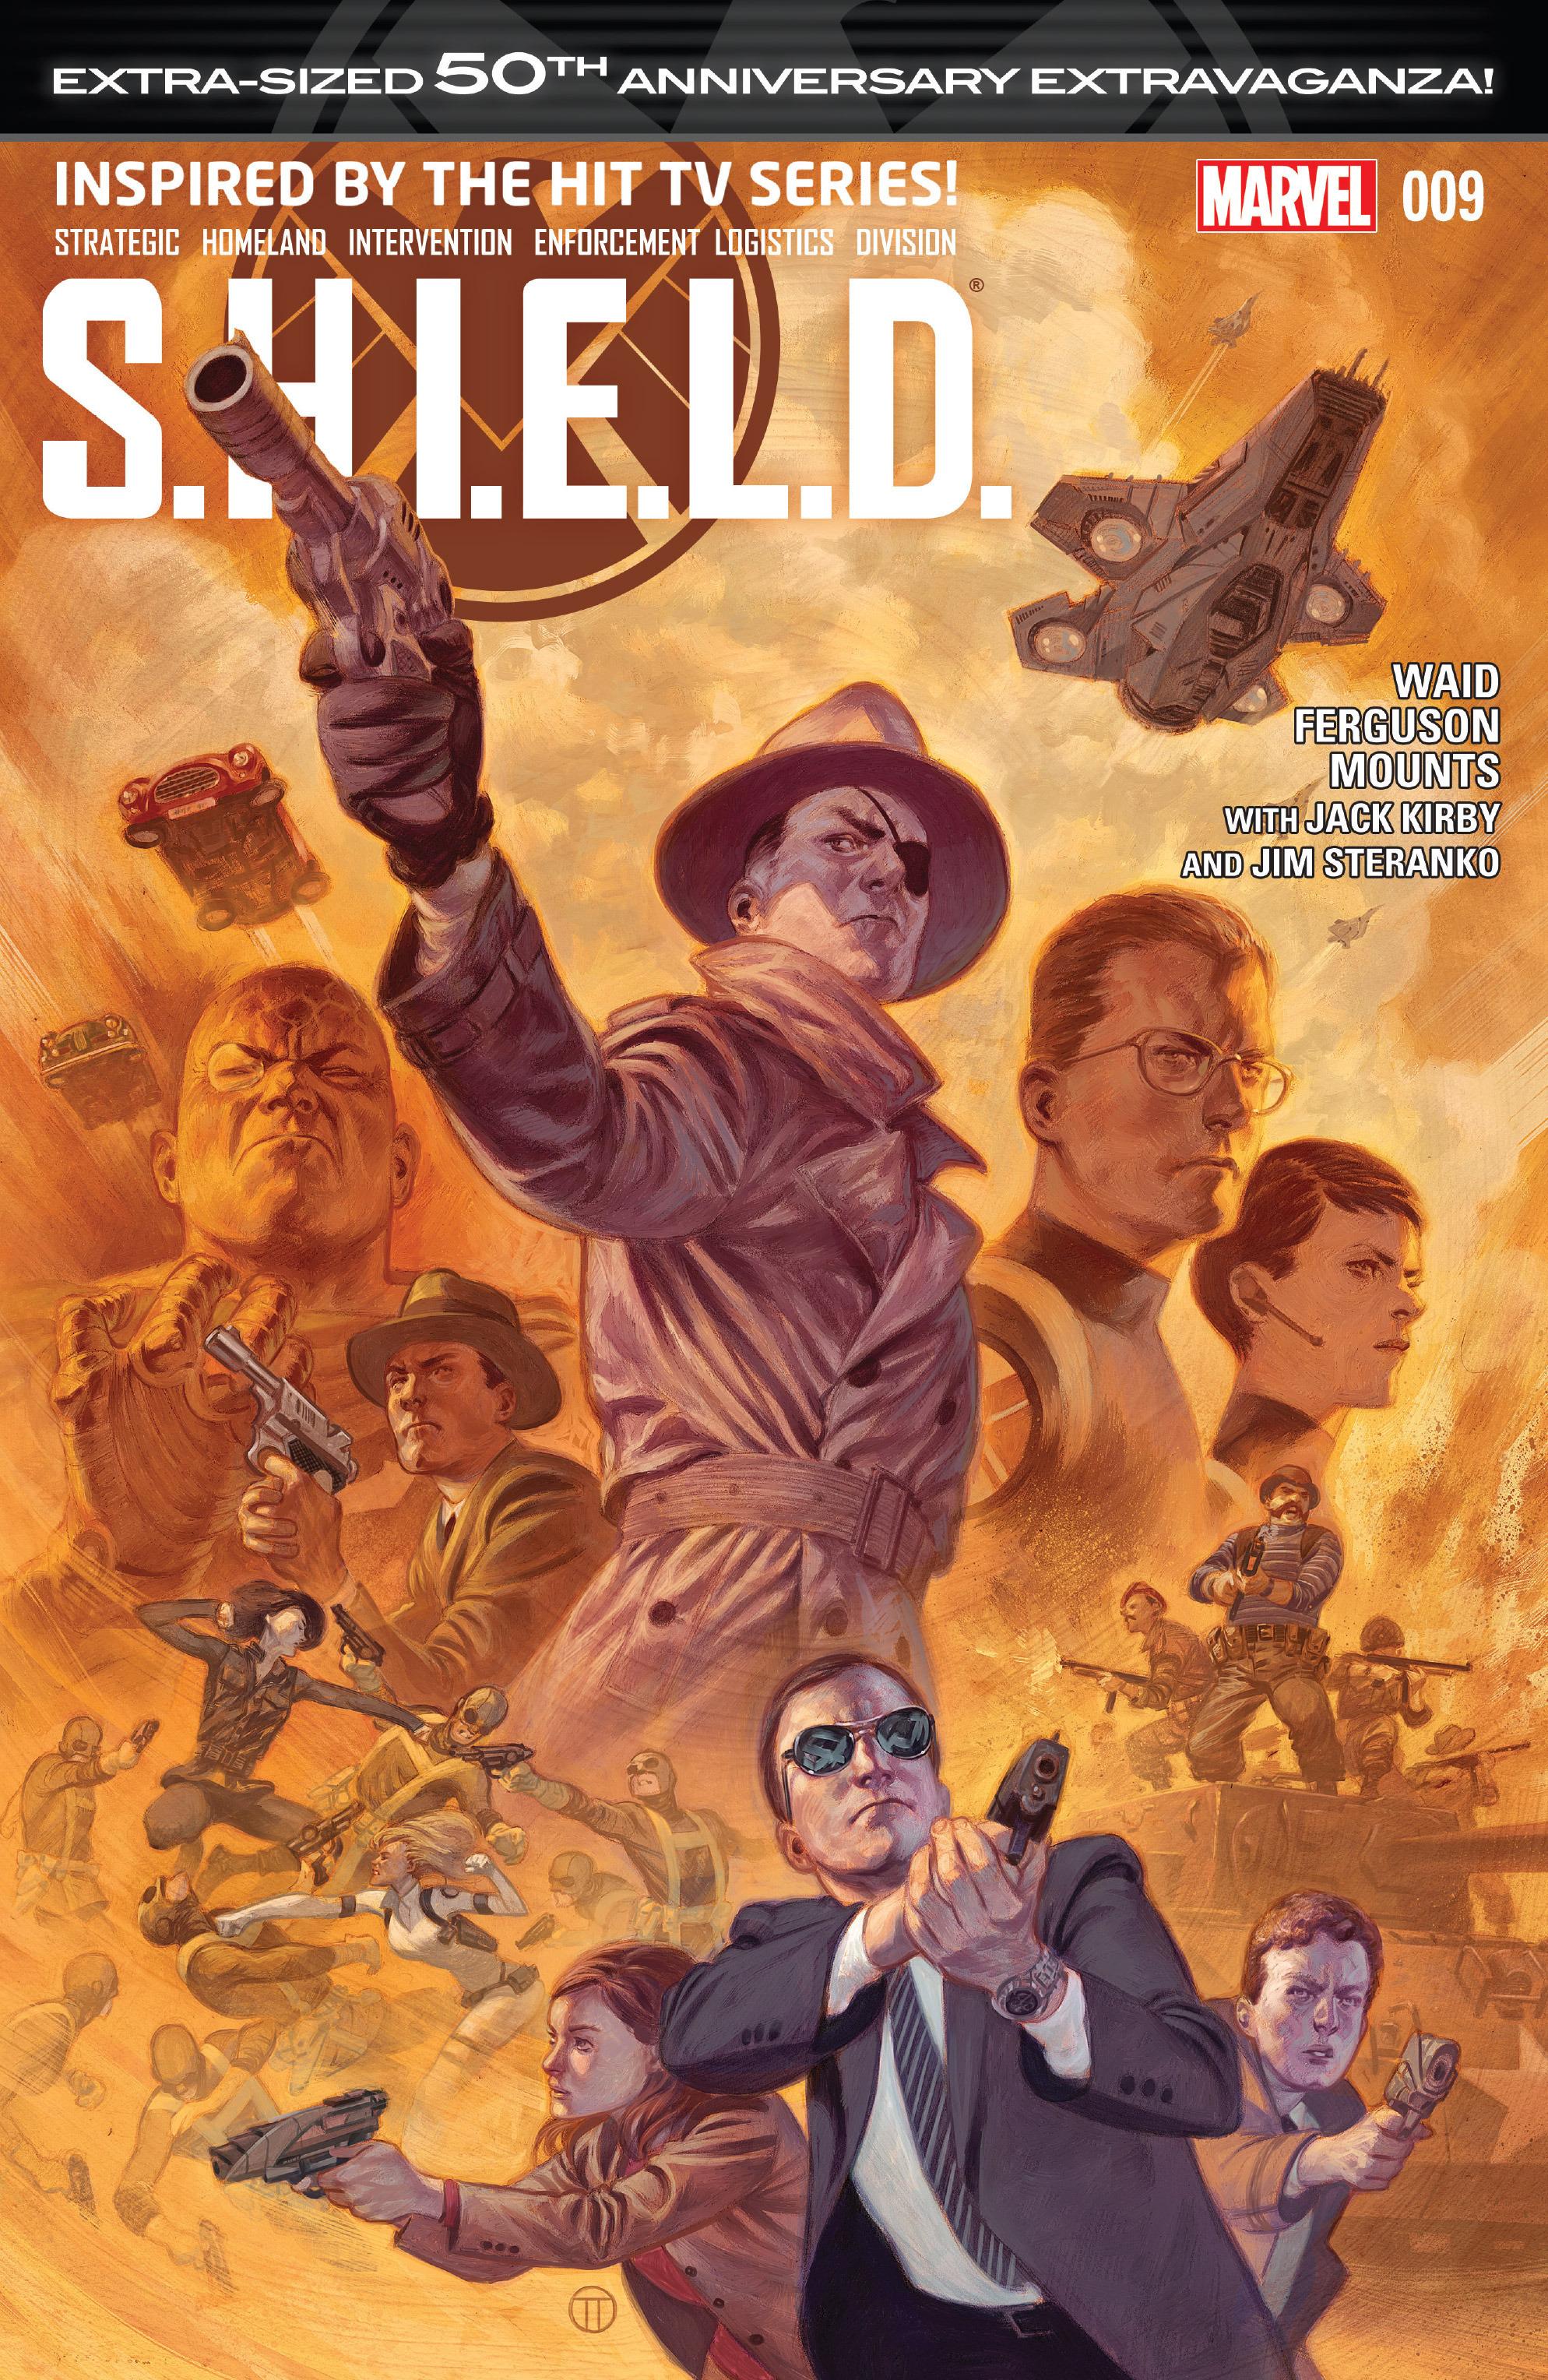 S.H.I.E.L.D. (2015) 9 Page 1